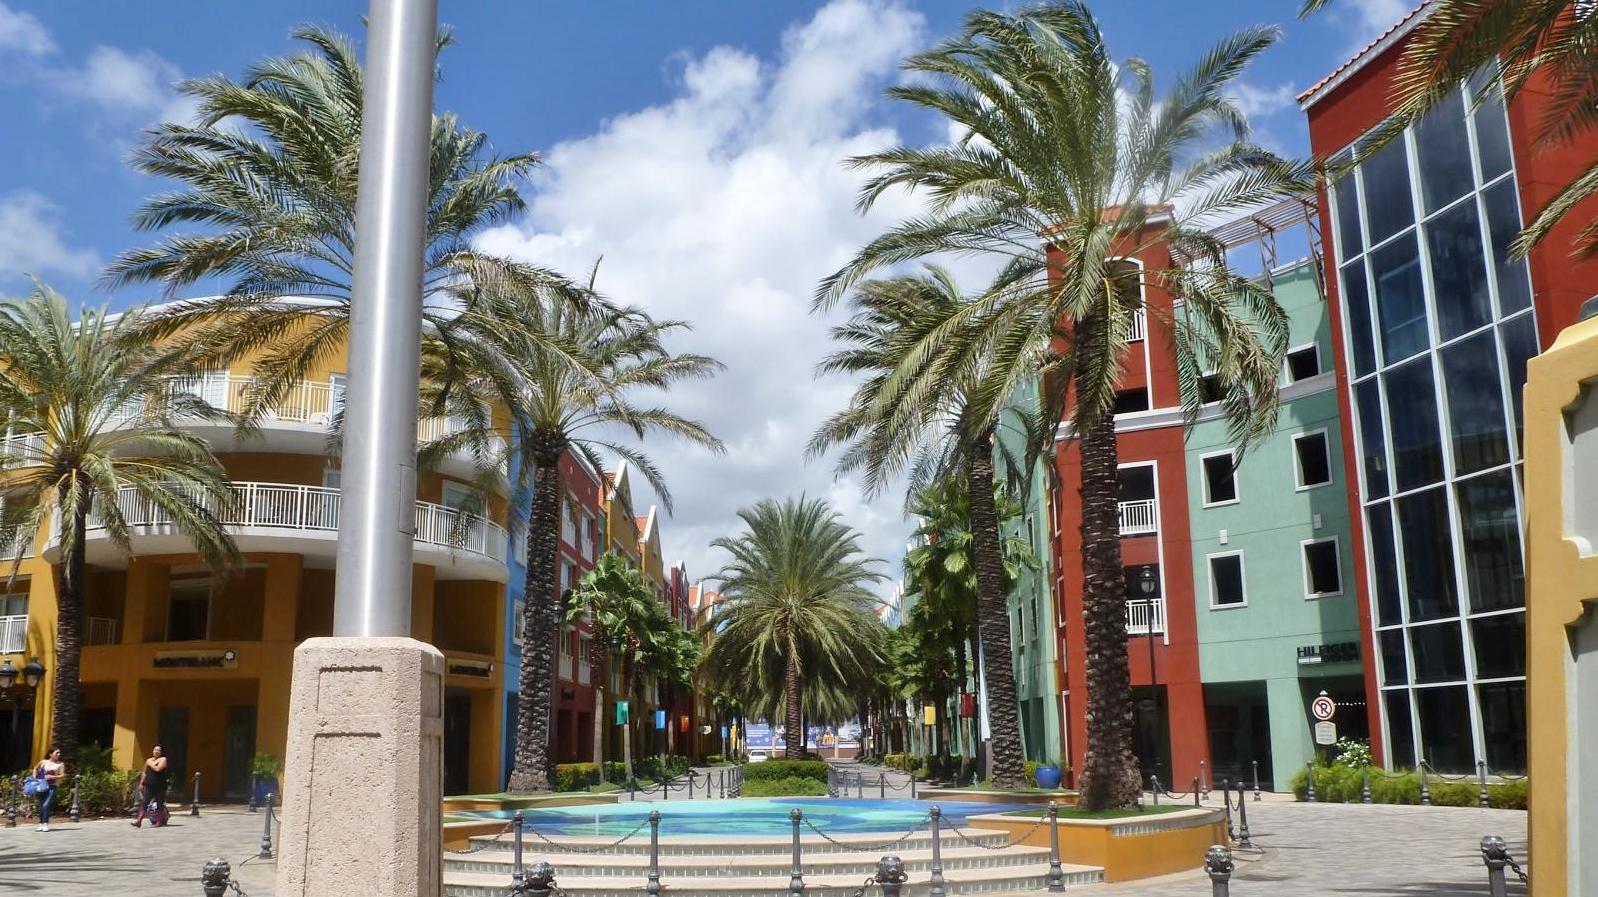 Rennaissance-mall